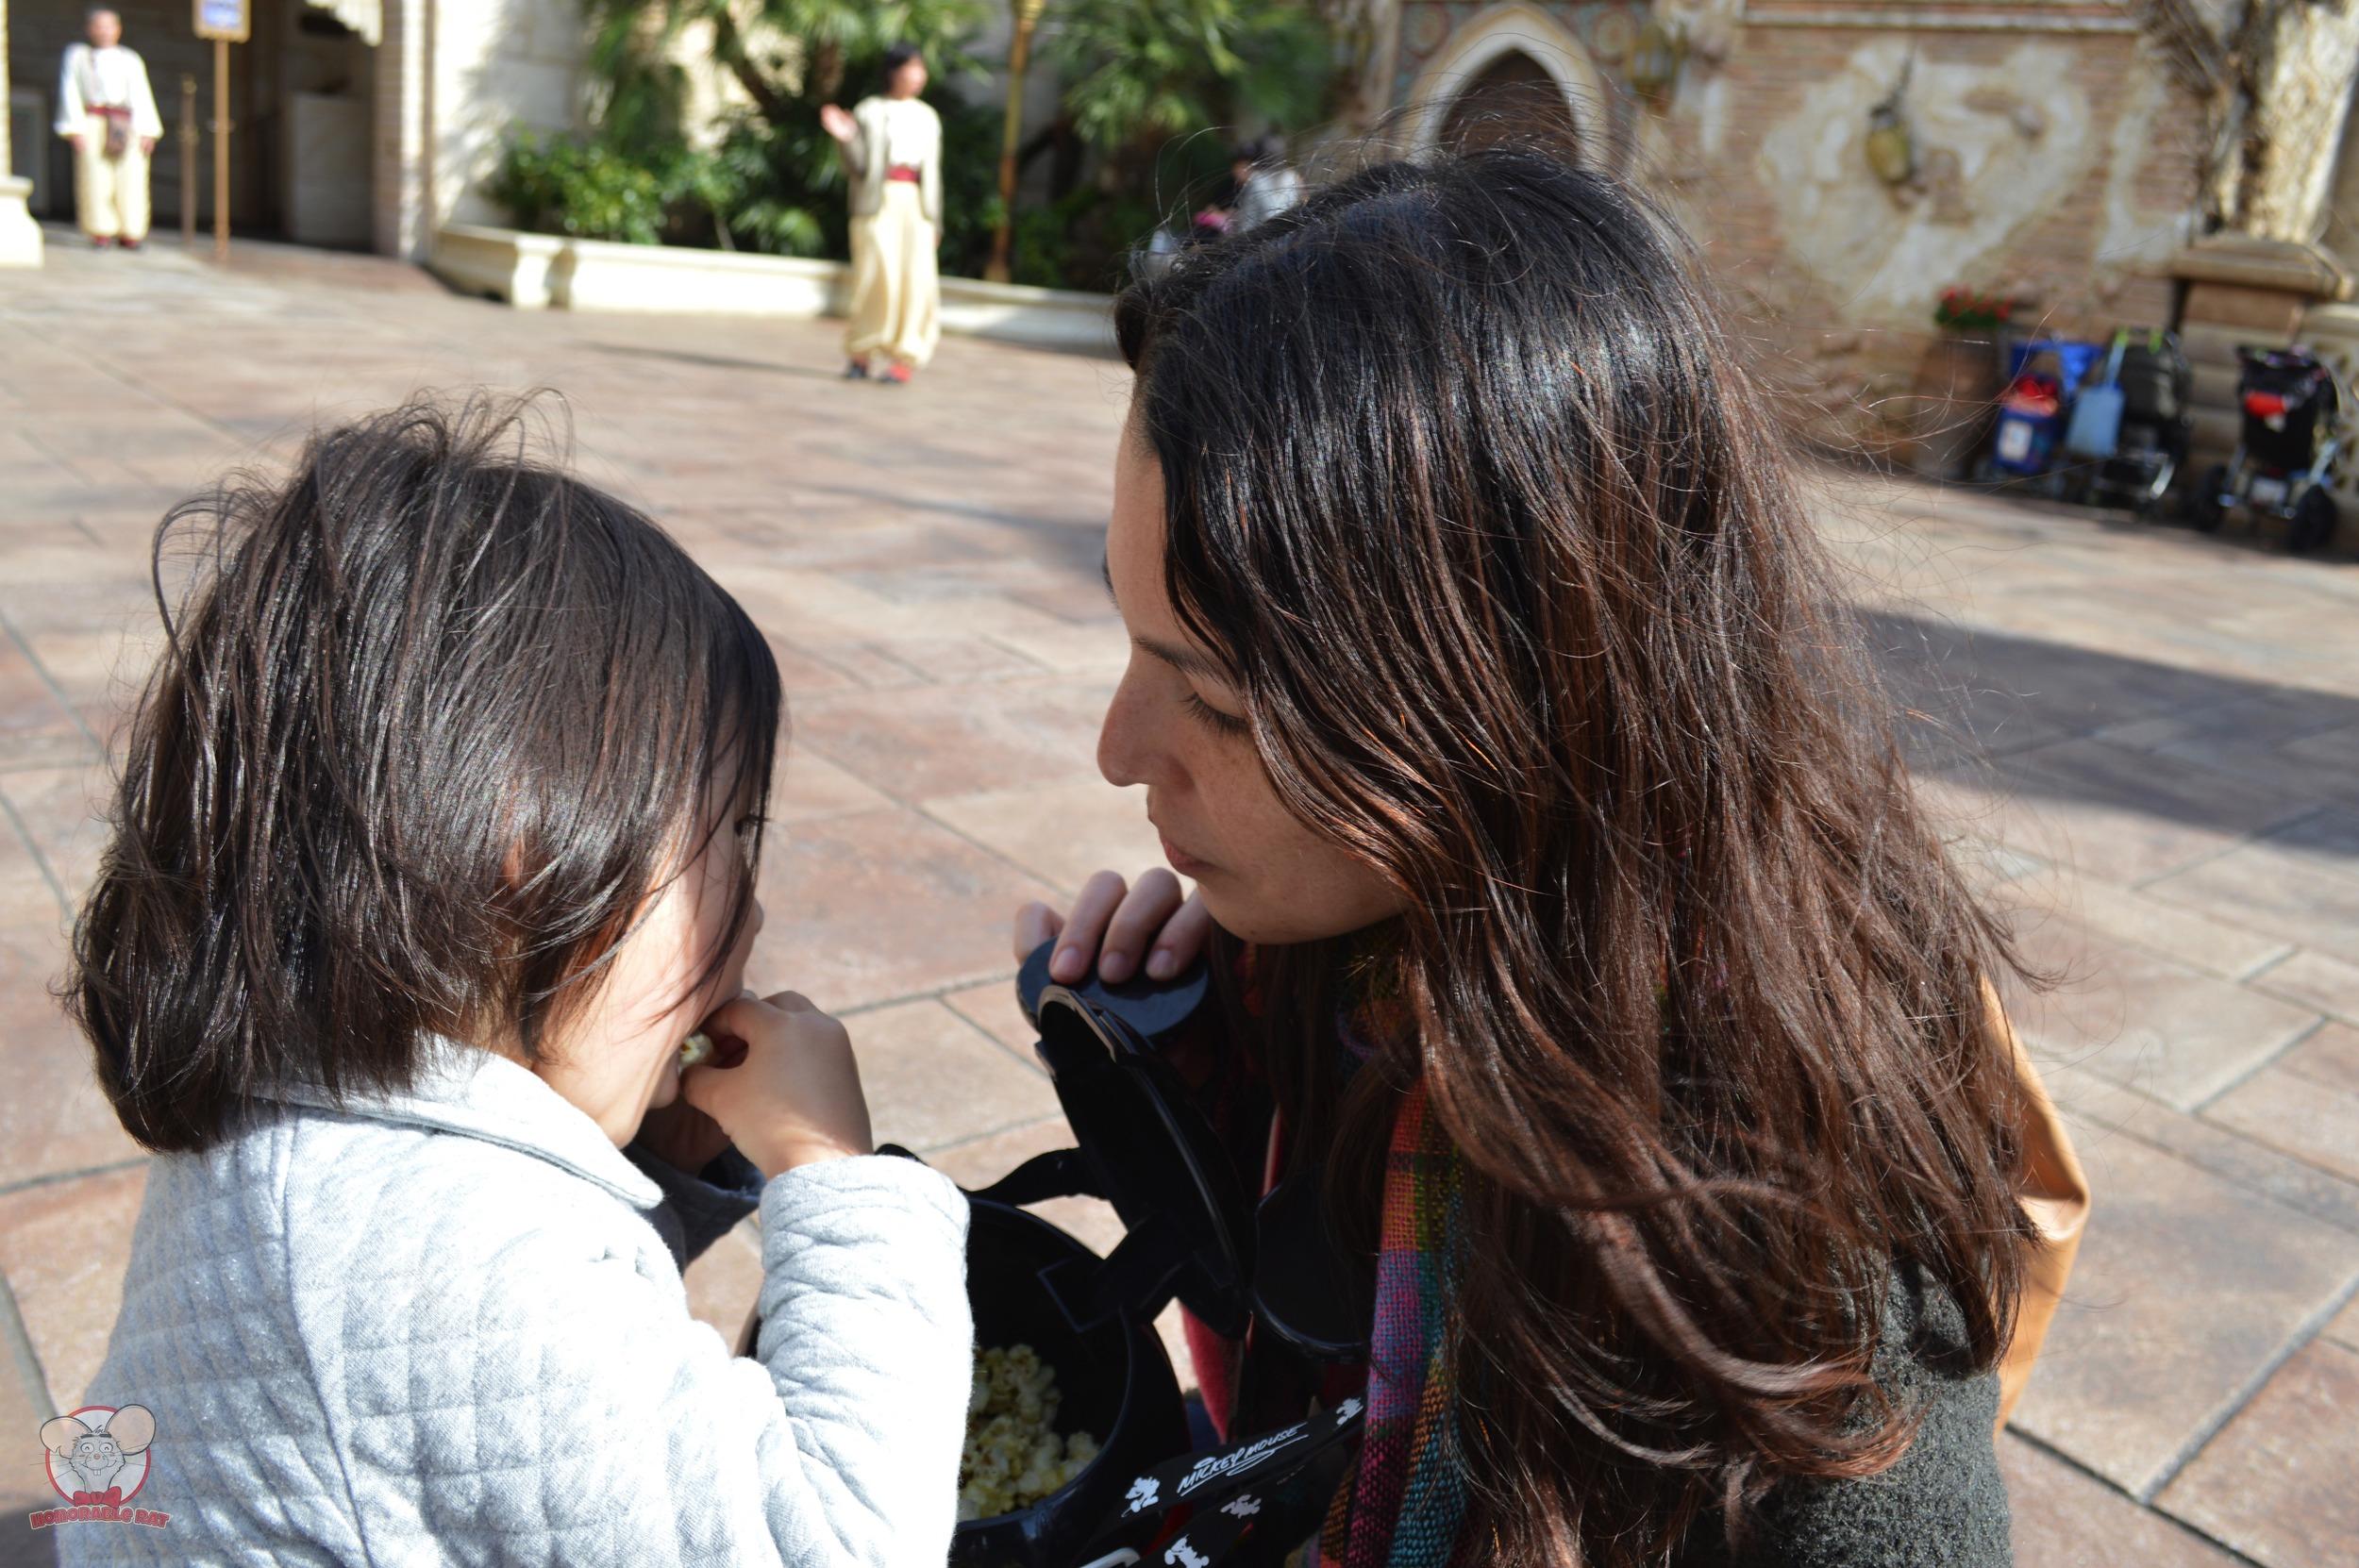 Nadia feeding Mahina